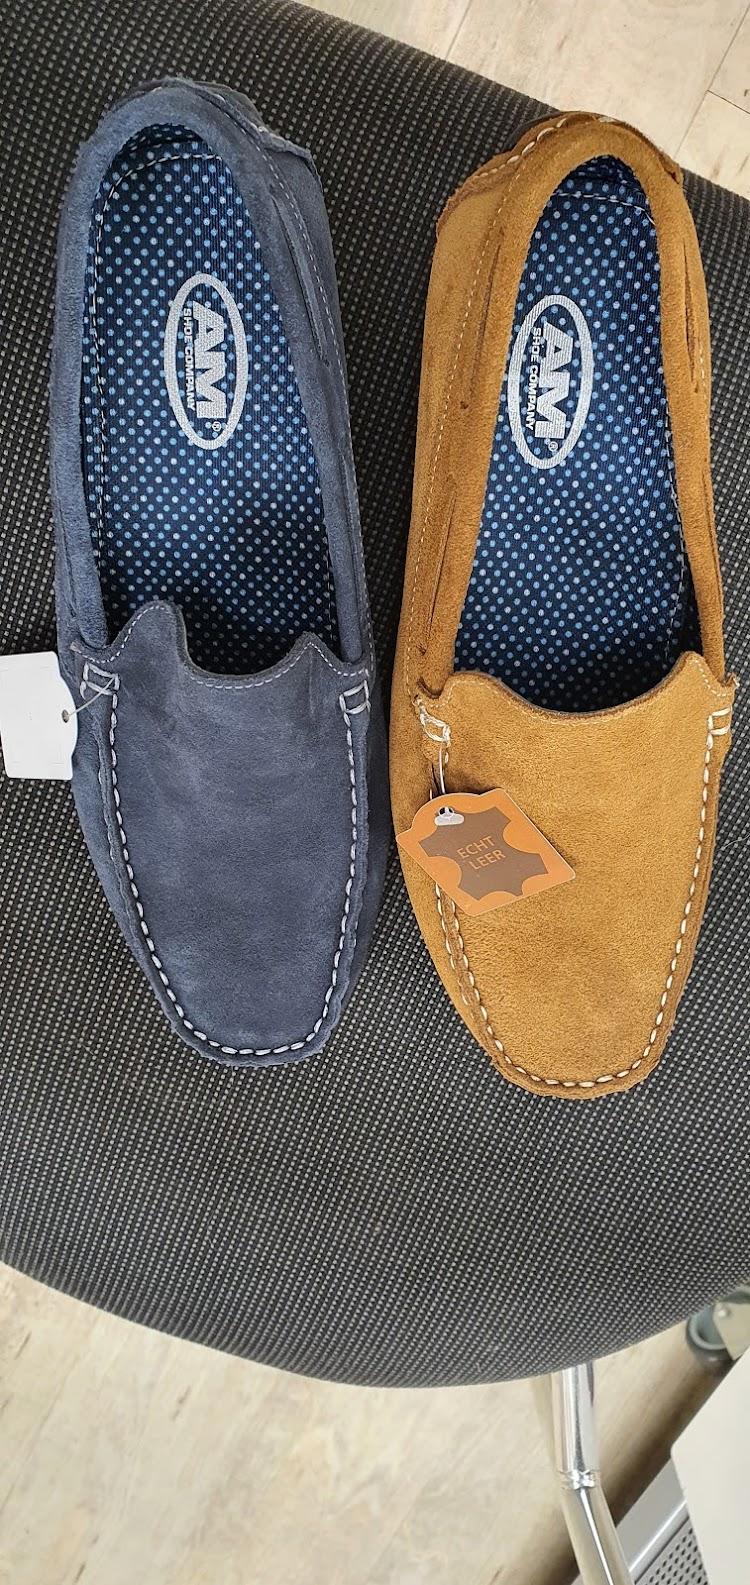 vanHaren schoenen Aalsmeer